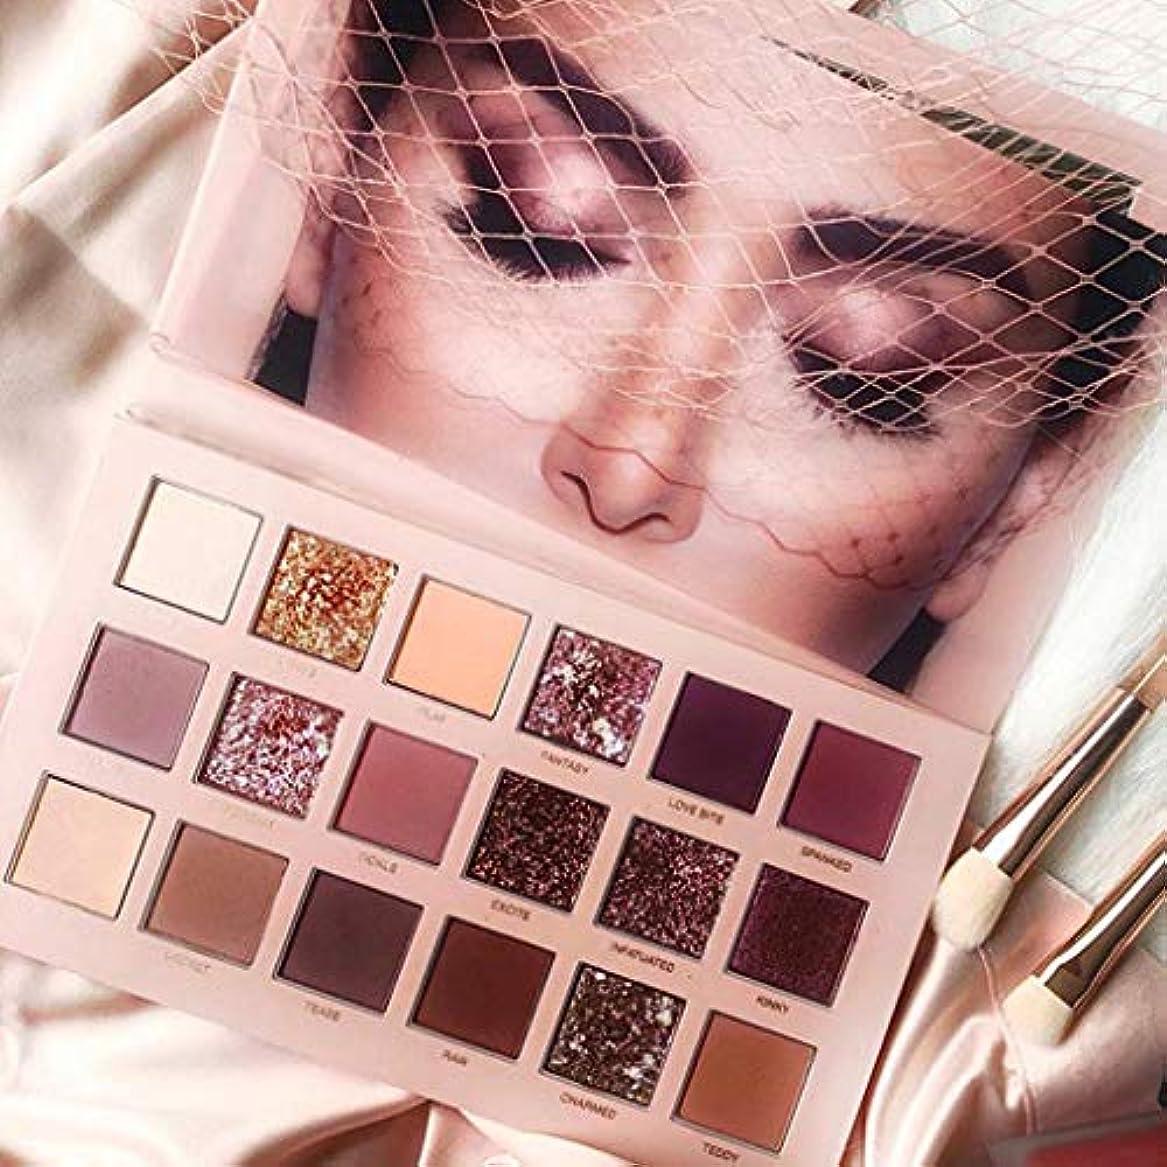 コーデリア工業化する固めるAkane アイシャドウパレット 砂漠バラ ファッション 人気 超魅力的 綺麗 真珠光沢 マット 長持ち チャーム INS おしゃれ 持ち便利 Eye Shadow (18色) 4083